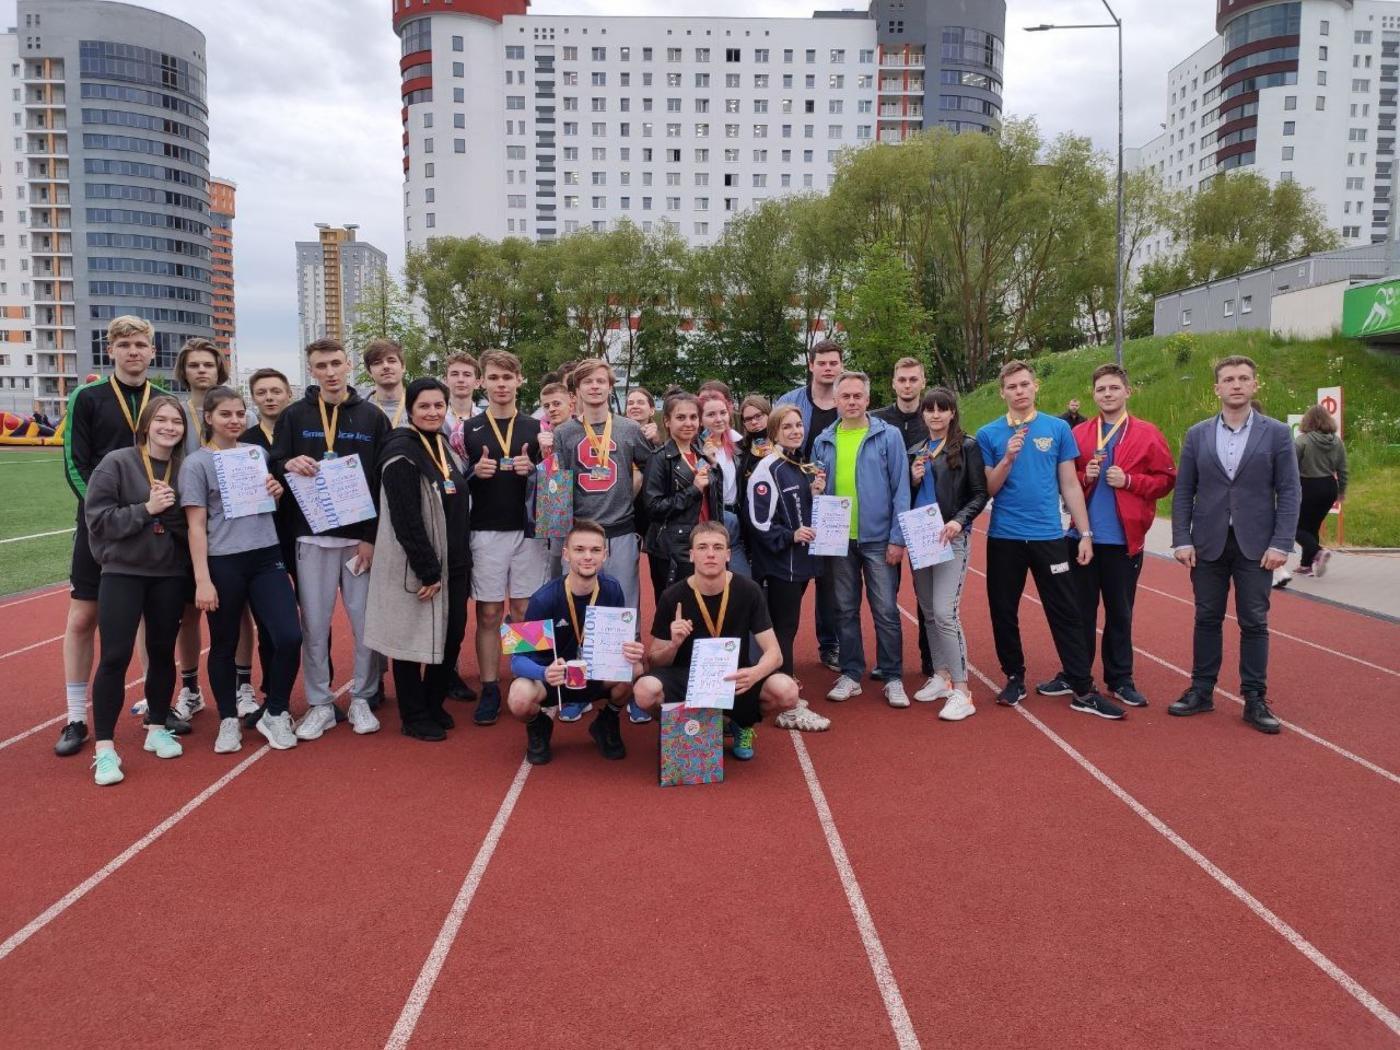 Команда БНТУ заняла первое место в молодежном физкультурно-спортивном празднике «Время твоих возможностей»